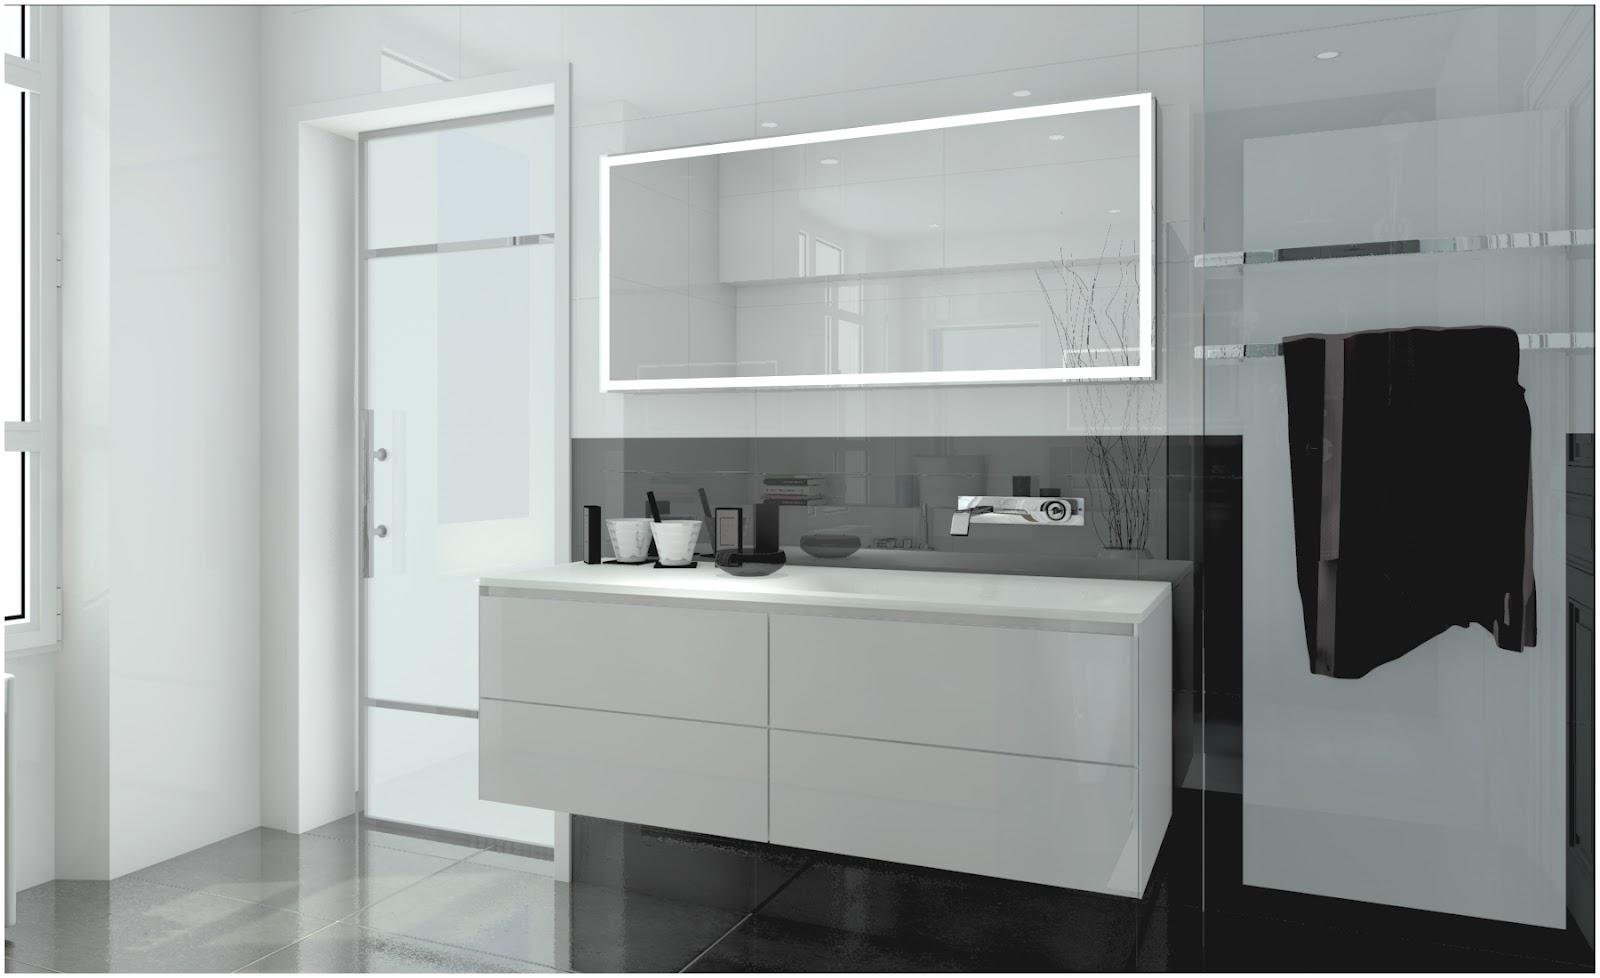 Akom design salle de bain 3d projet d 39 am nagement - Conception salle de bain 3d gratuit ...